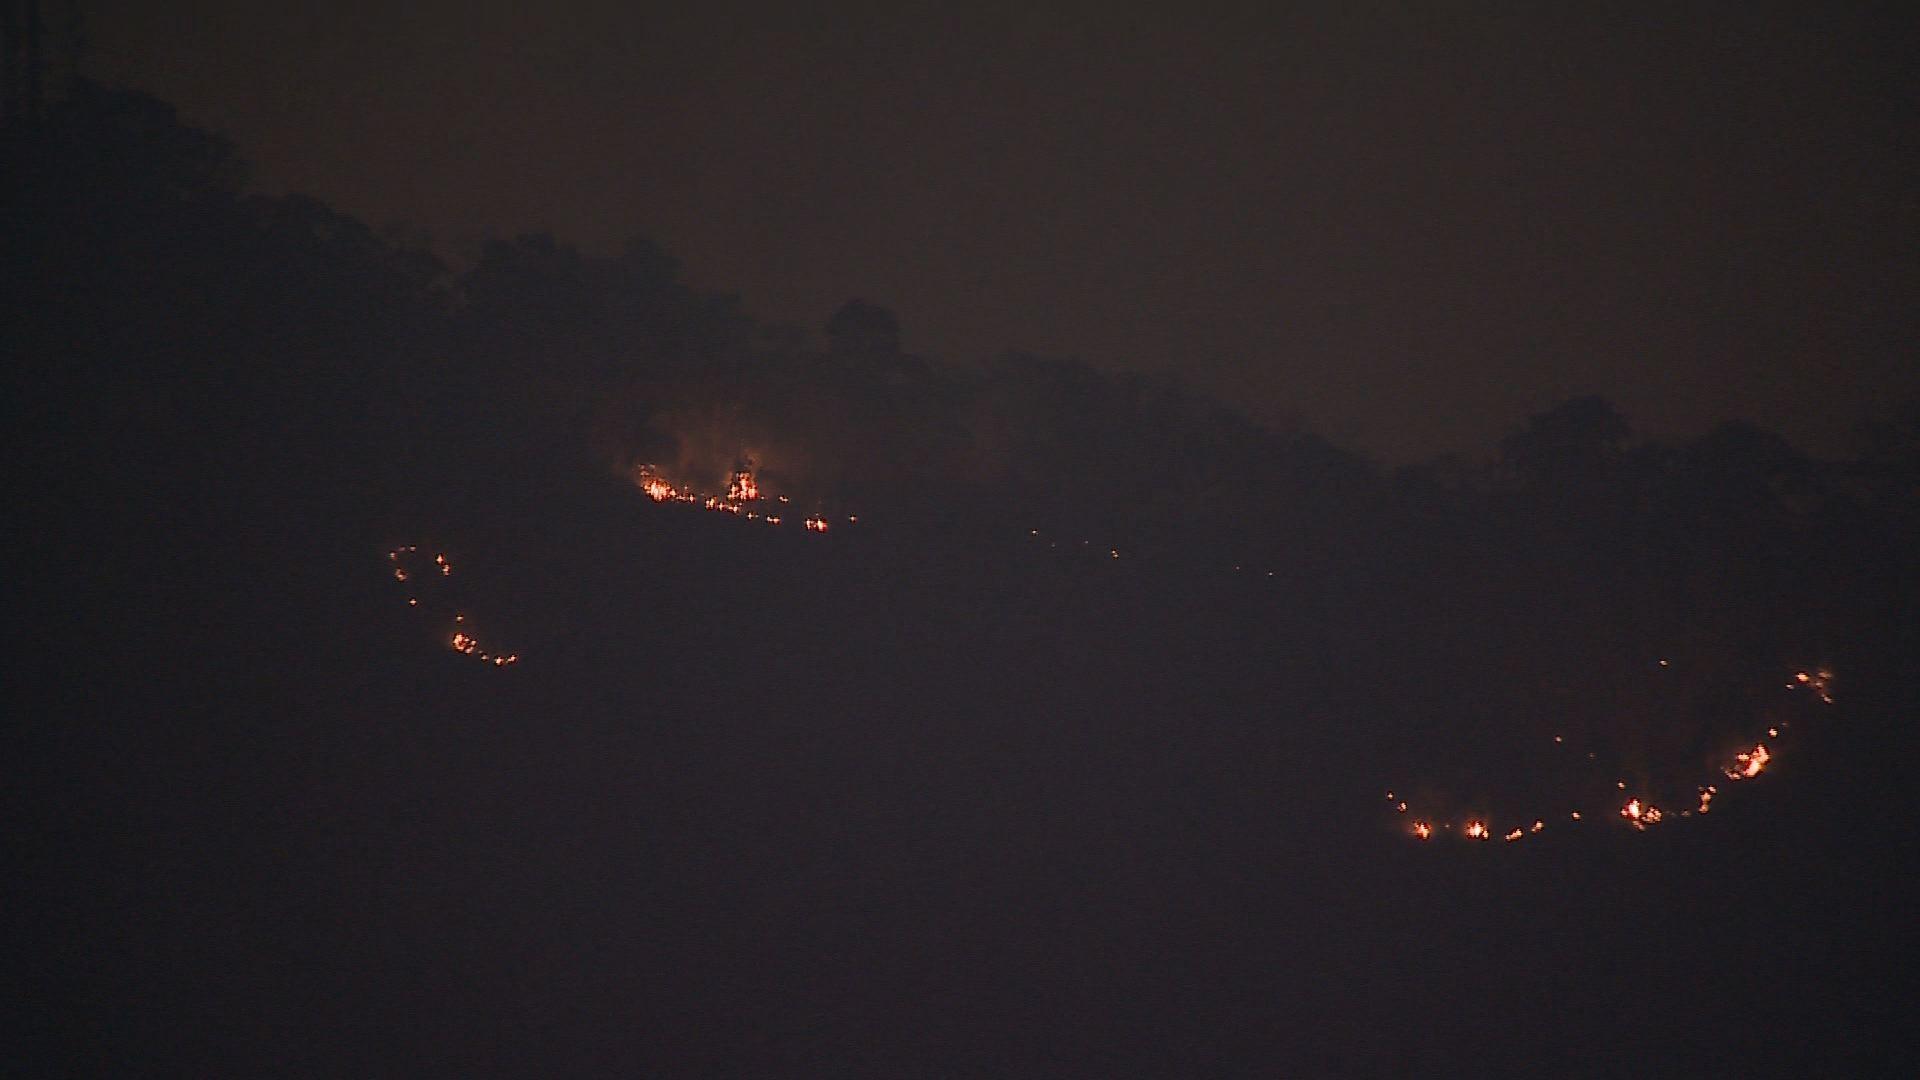 Bombeiros debelam focos de incêndio no Morro do Cristo em Juiz de Fora - Notícias - Plantão Diário